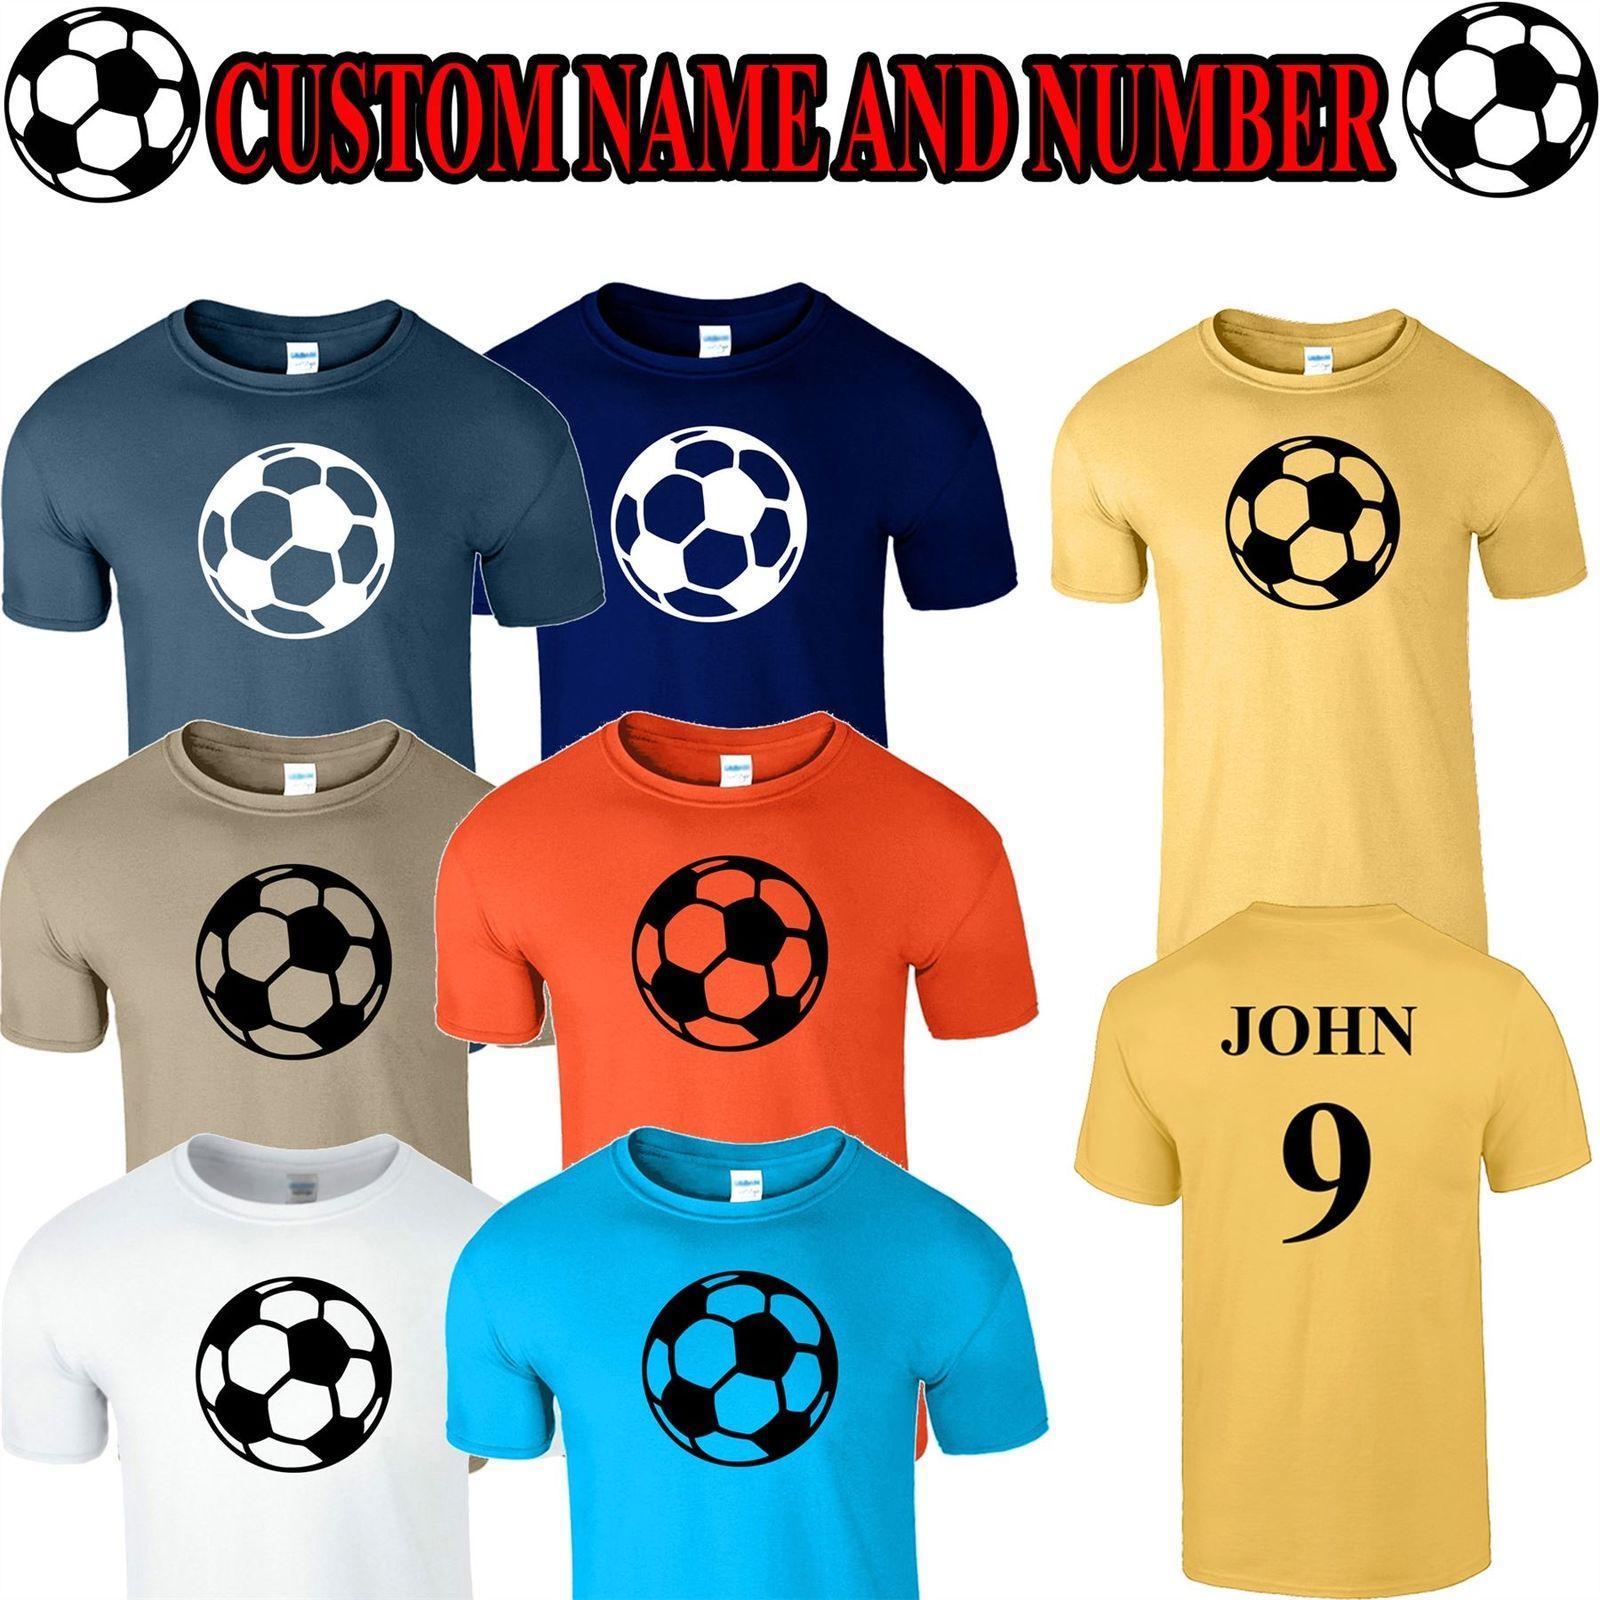 Compre Camiseta Personalizada Para Hombre De Fútbol Nombre Personalizado  Número Chicas Niños Equipo De Fútbol Camiseta Fresco Informal Camiseta De  Los ... a933597200559